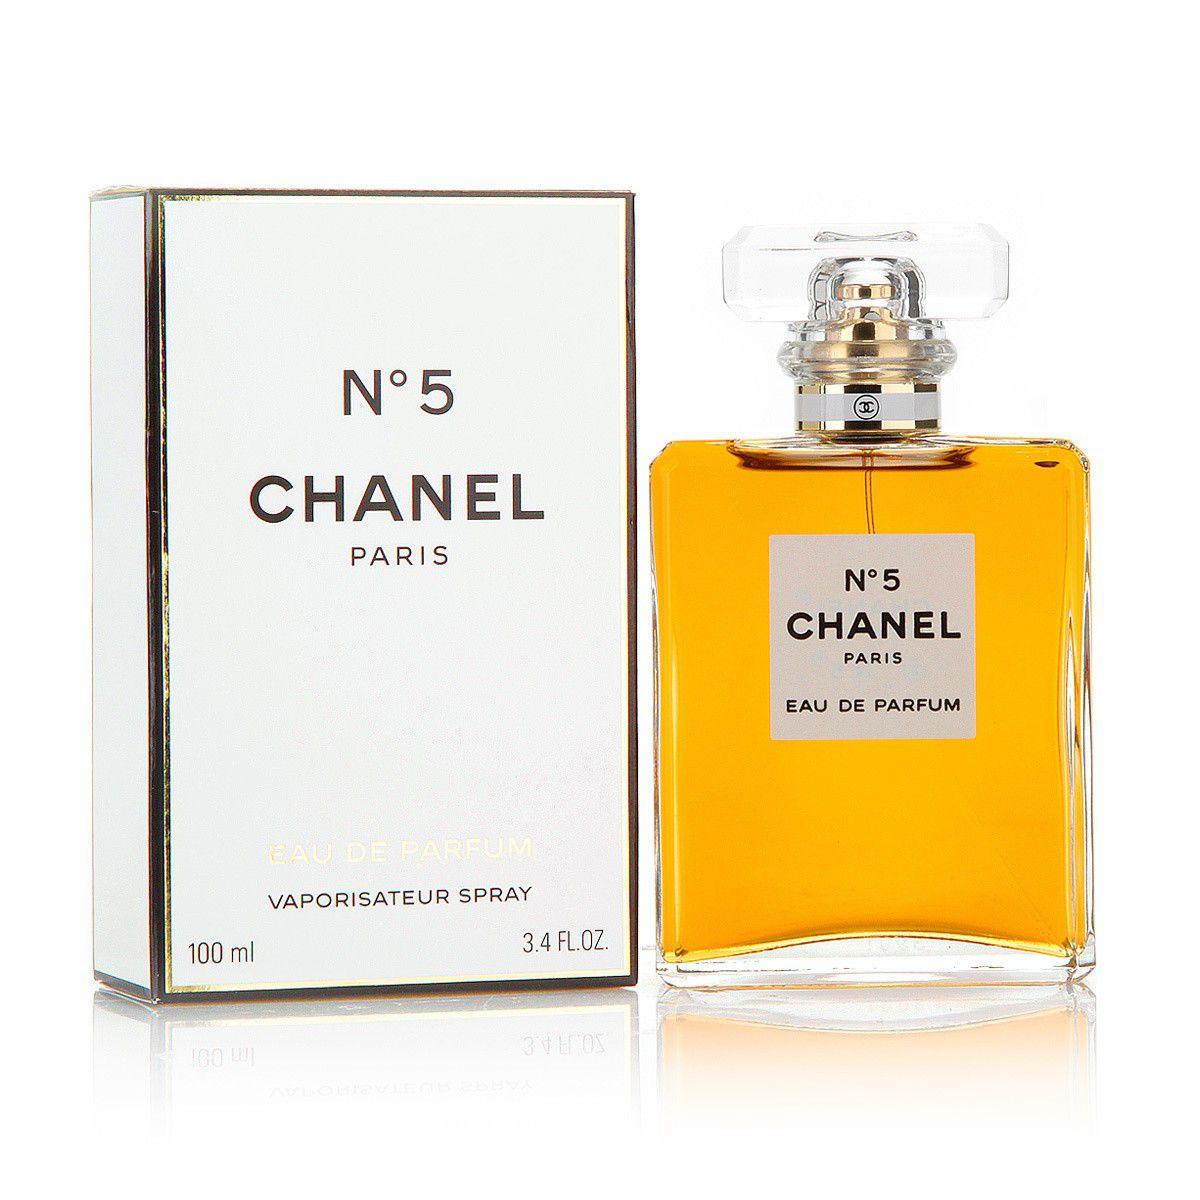 19666be9bfb Perfume Chanel Nº5 Feminino Eau de Parfum 100ml - Chanel CHANEL ...